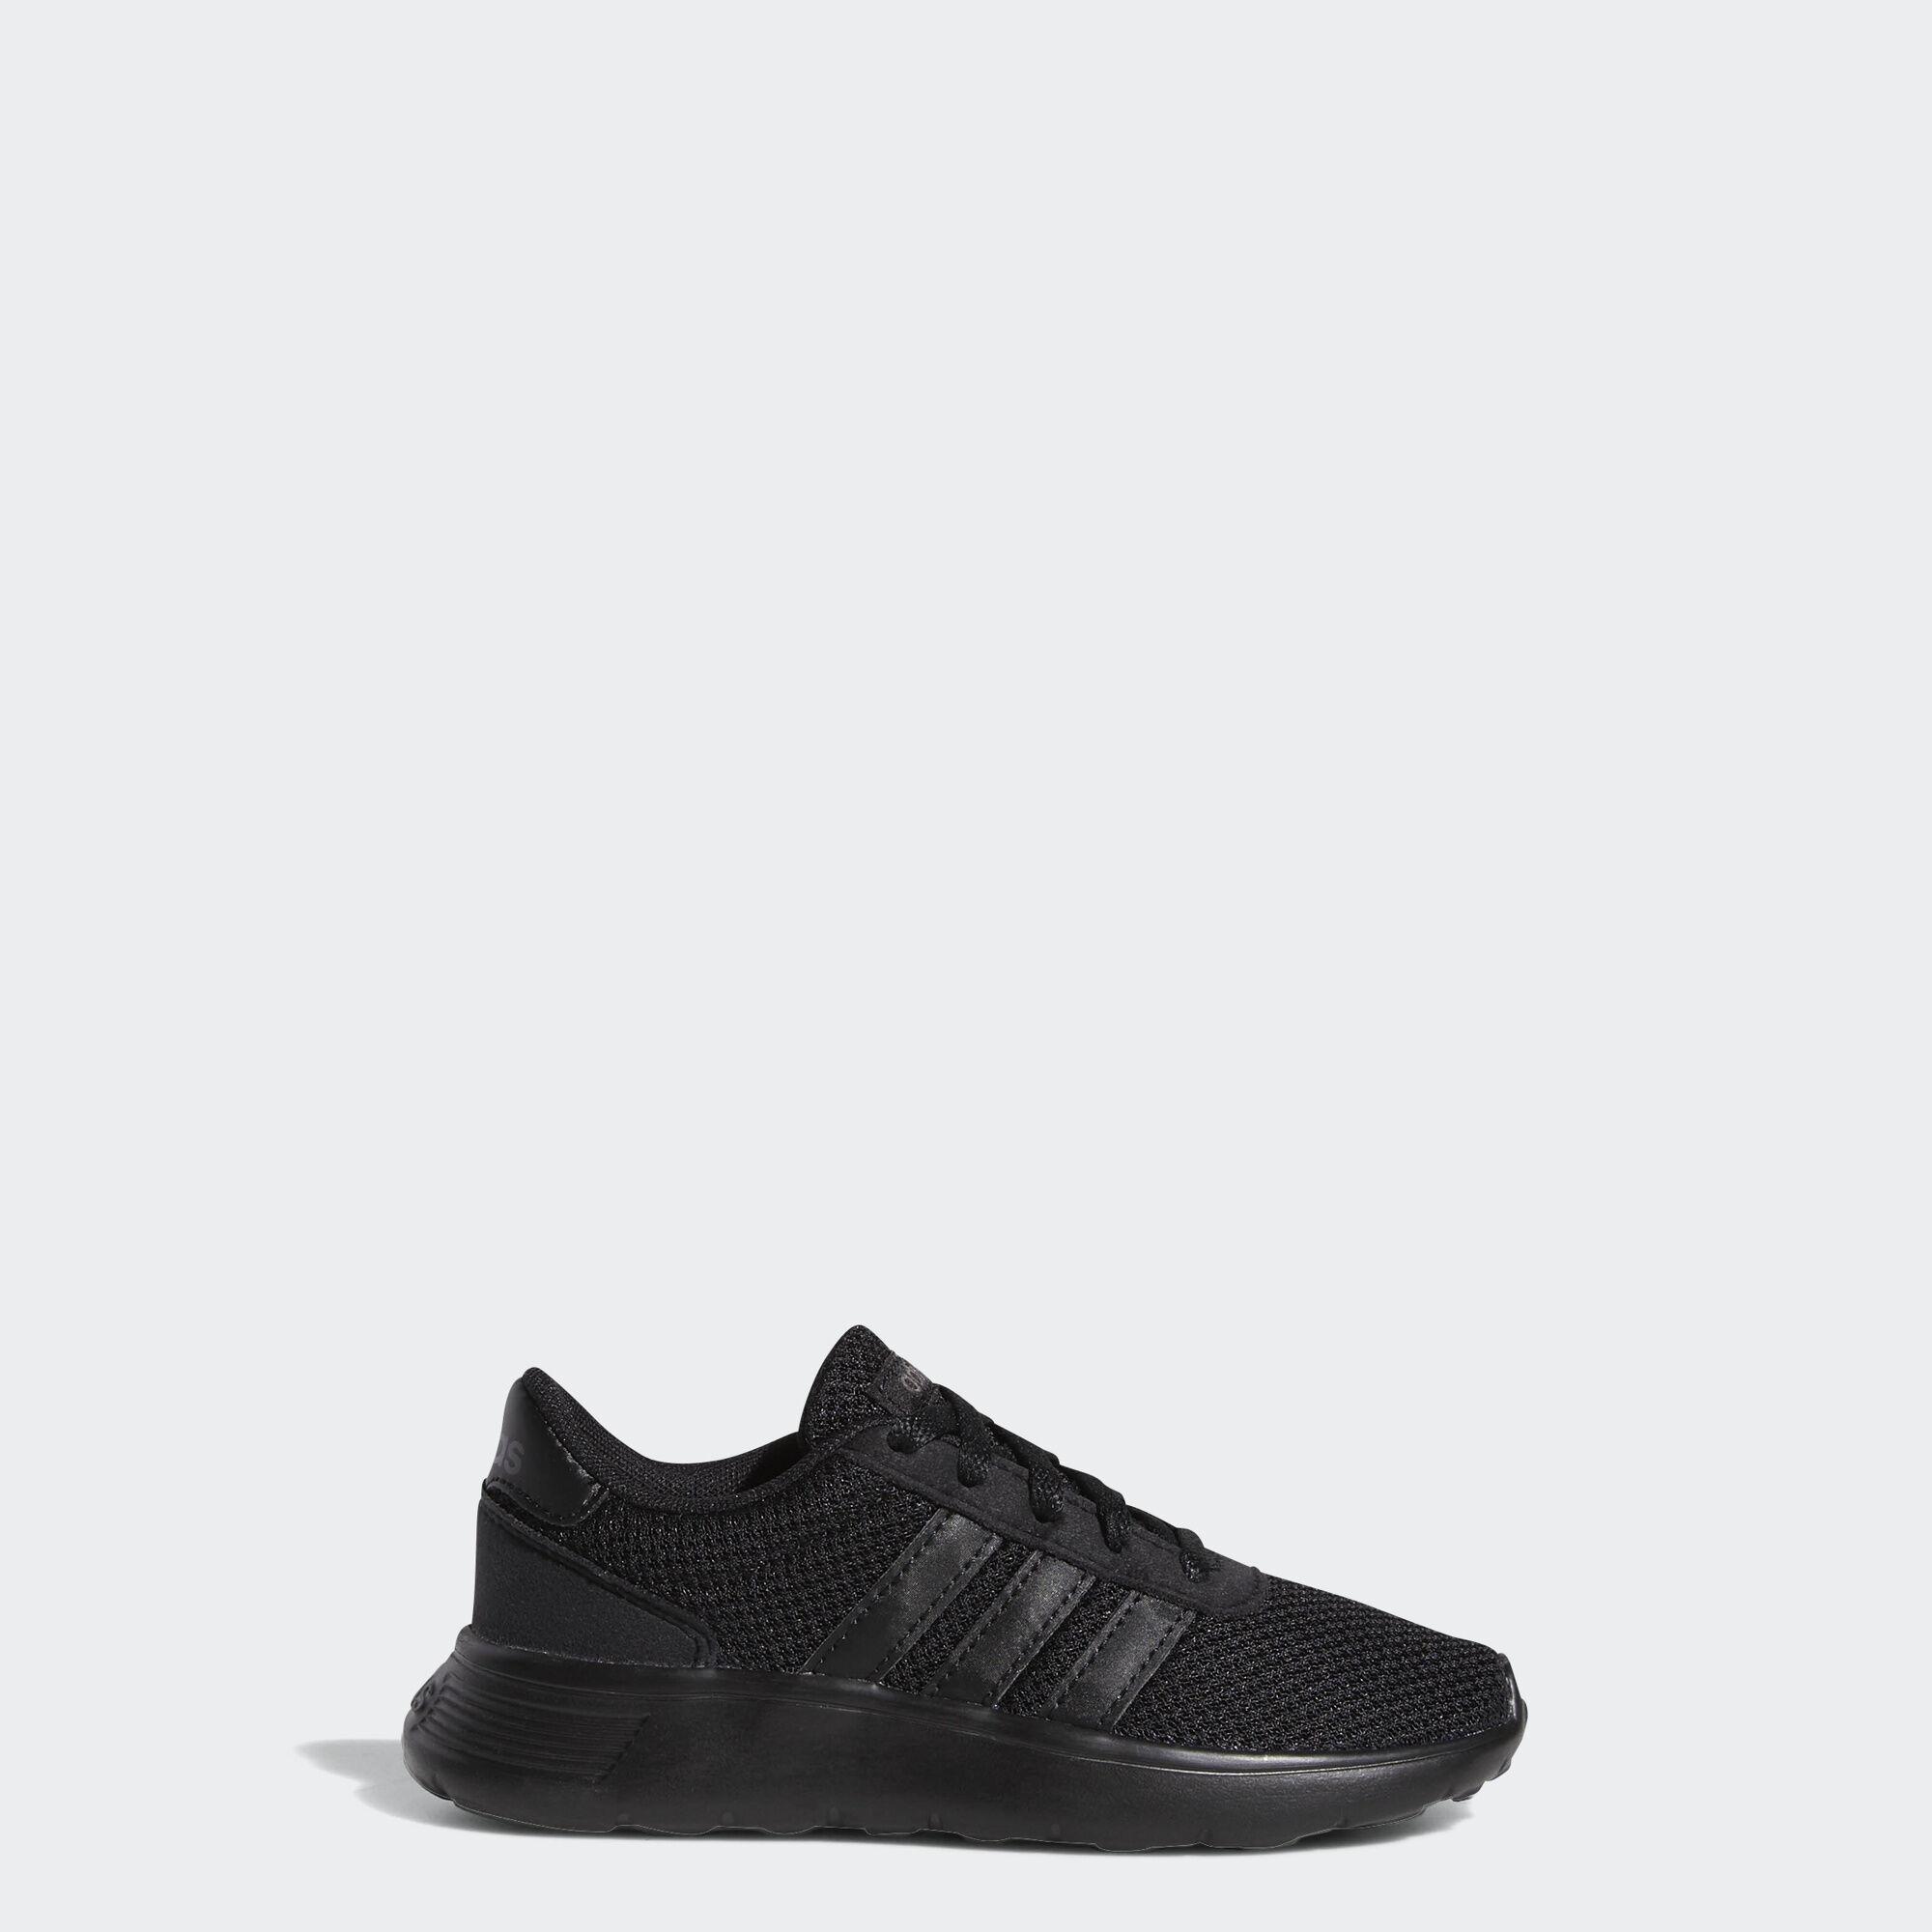 black adidas zx flux trainers poliuretanska pjena